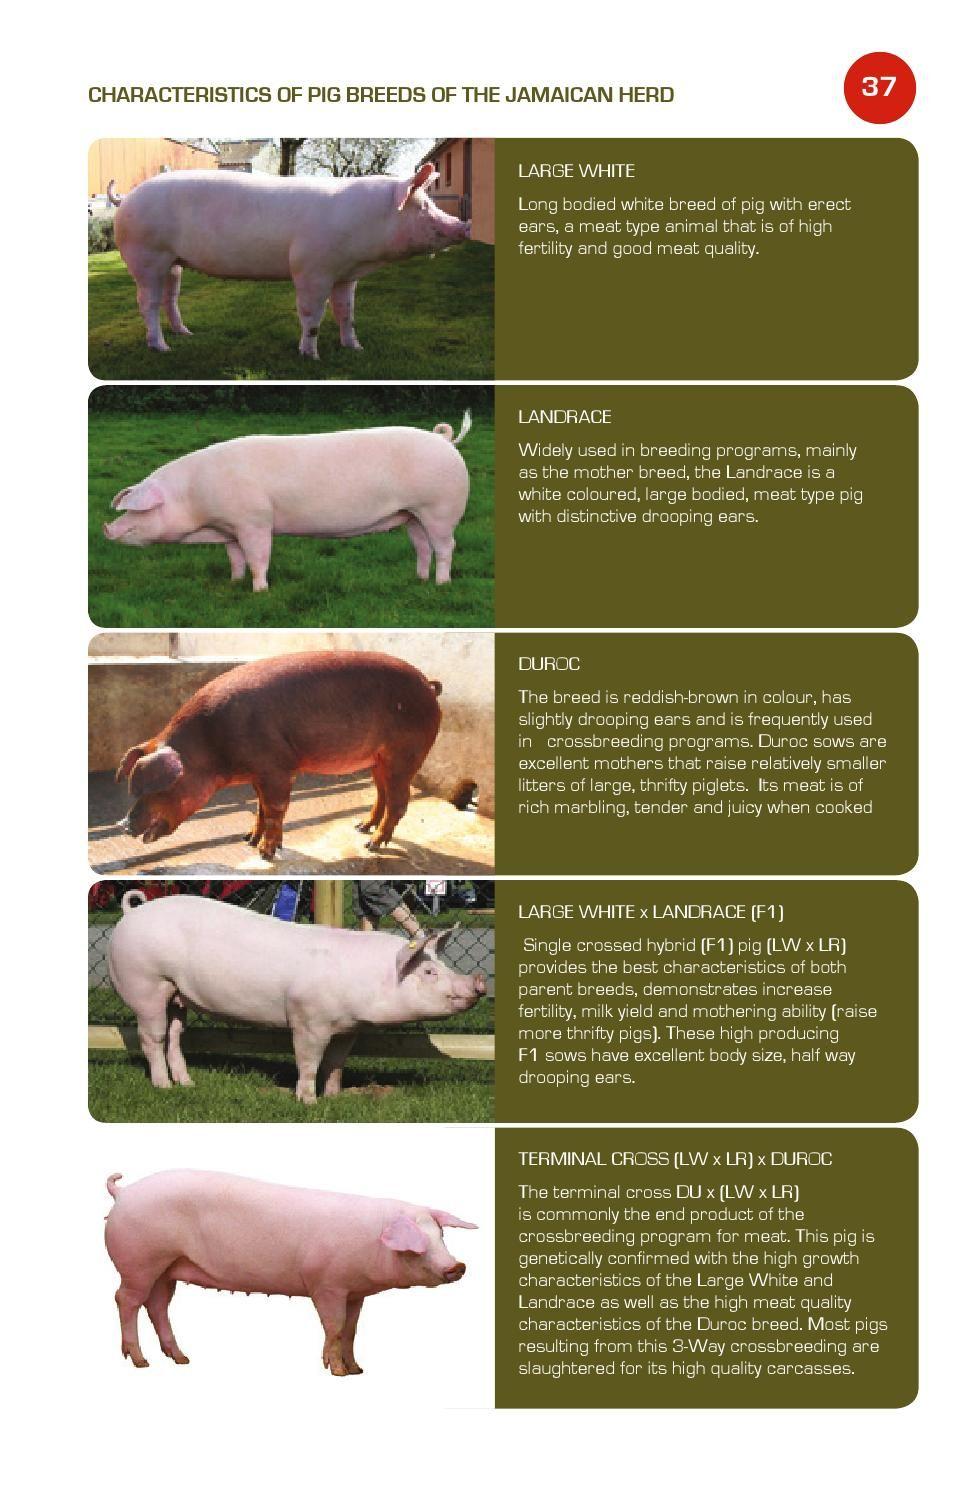 Imagen relacionada | RAZAS DE CERDOS | Pinterest | Razas de cerdos y ...